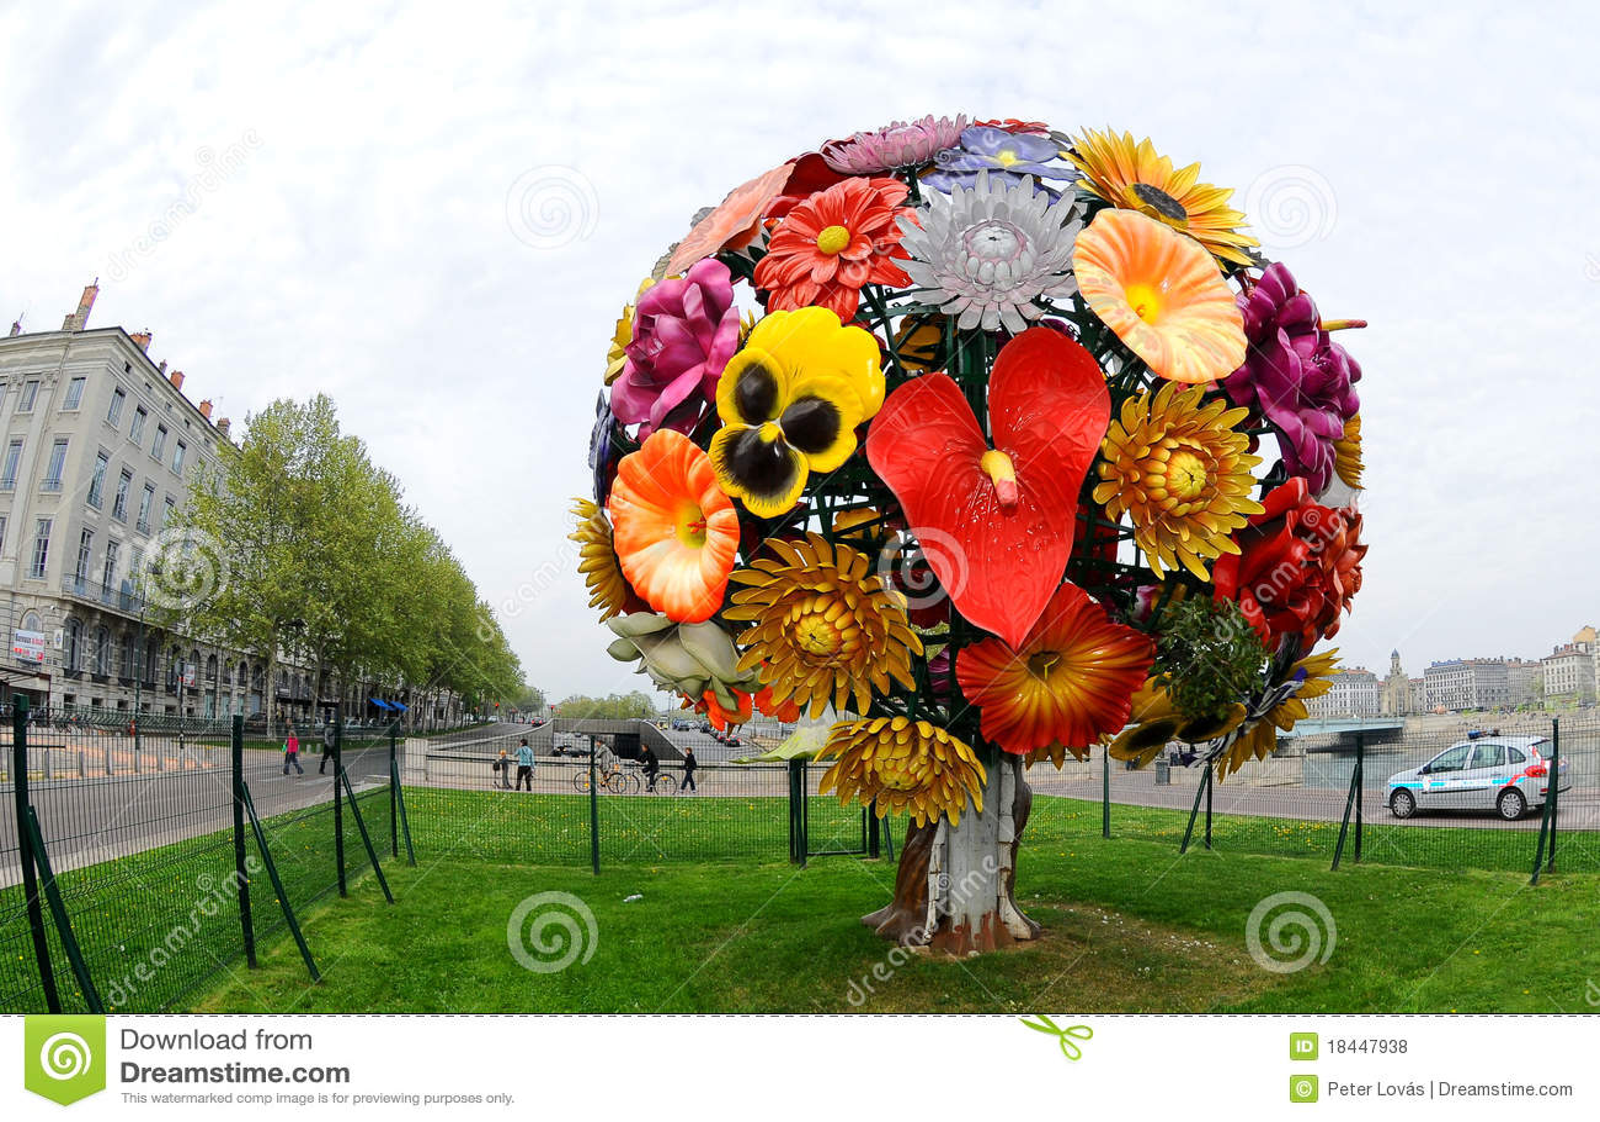 bouquet de fleurs sculpture lyon